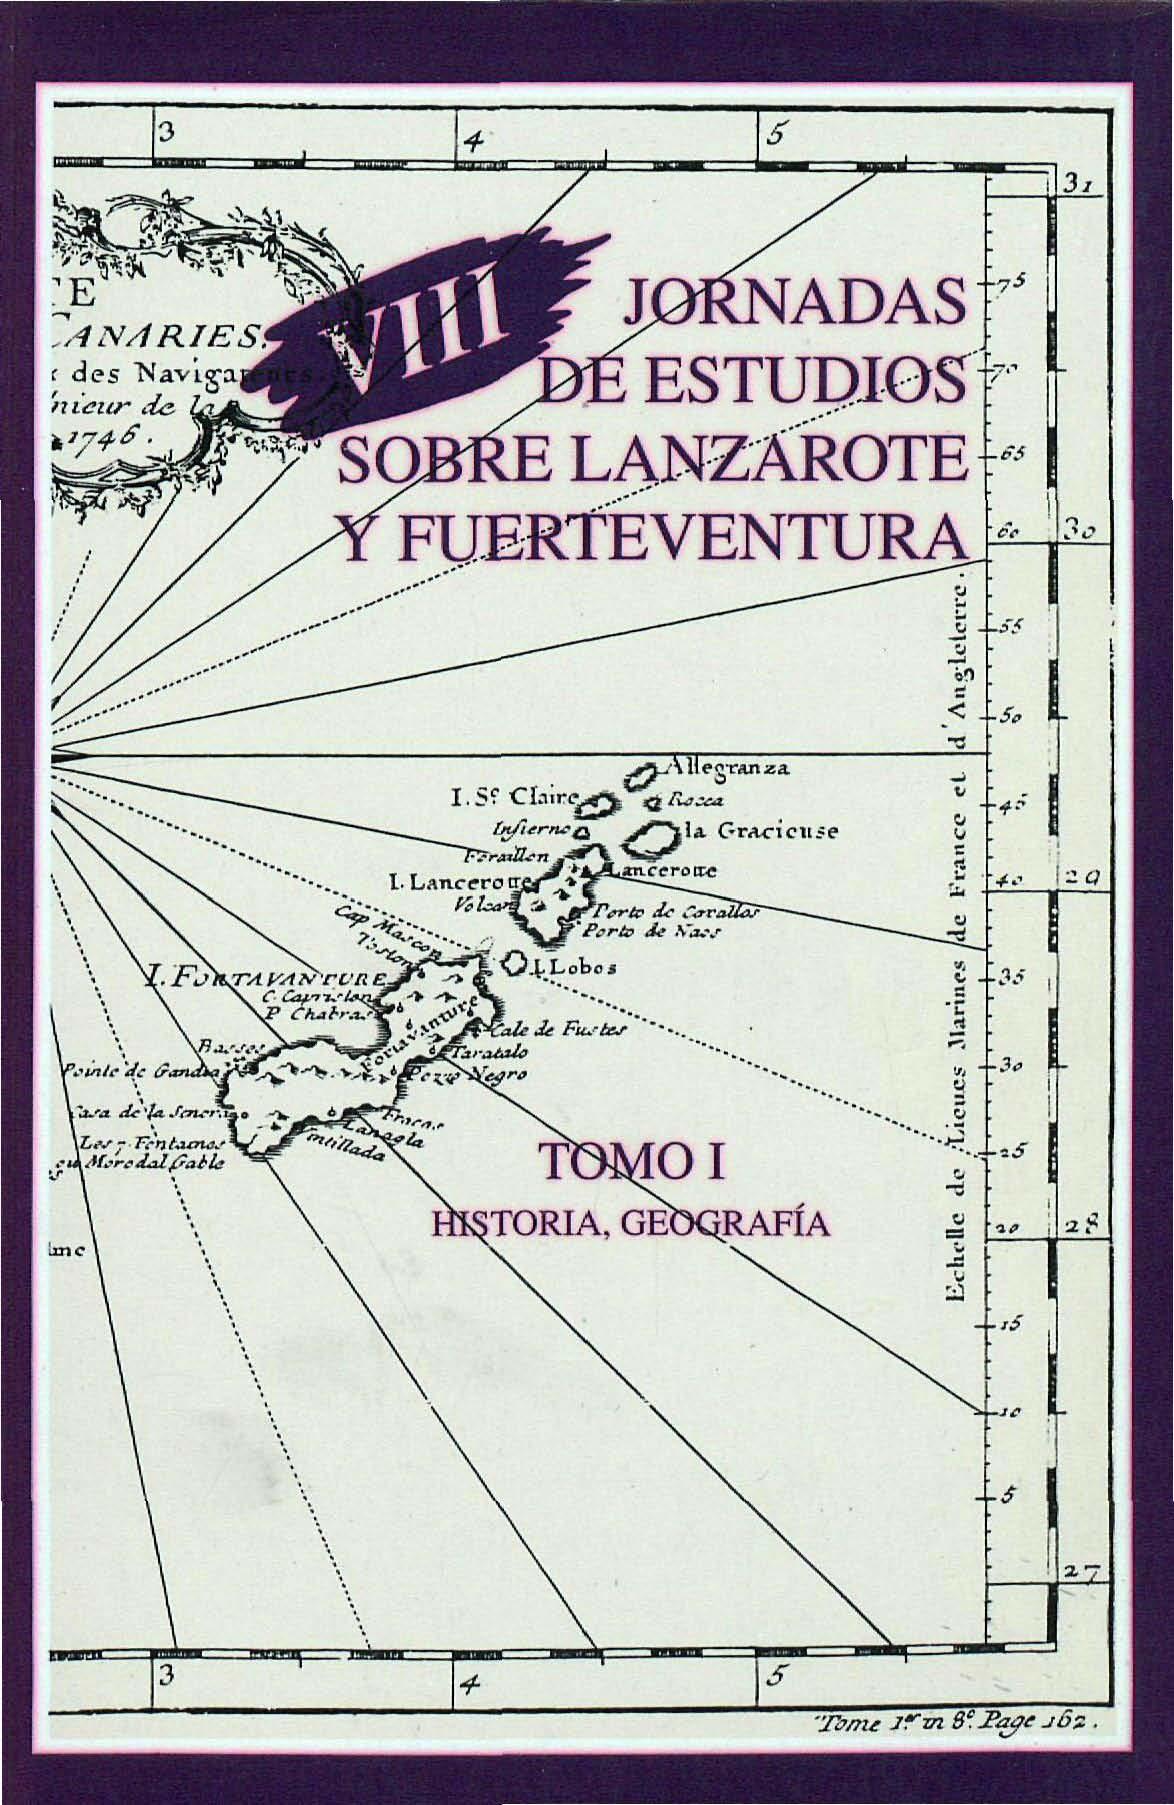 Desplazamientos poblacionales y reestructuración del hábitat en Lanzarote, entre 1730-1736